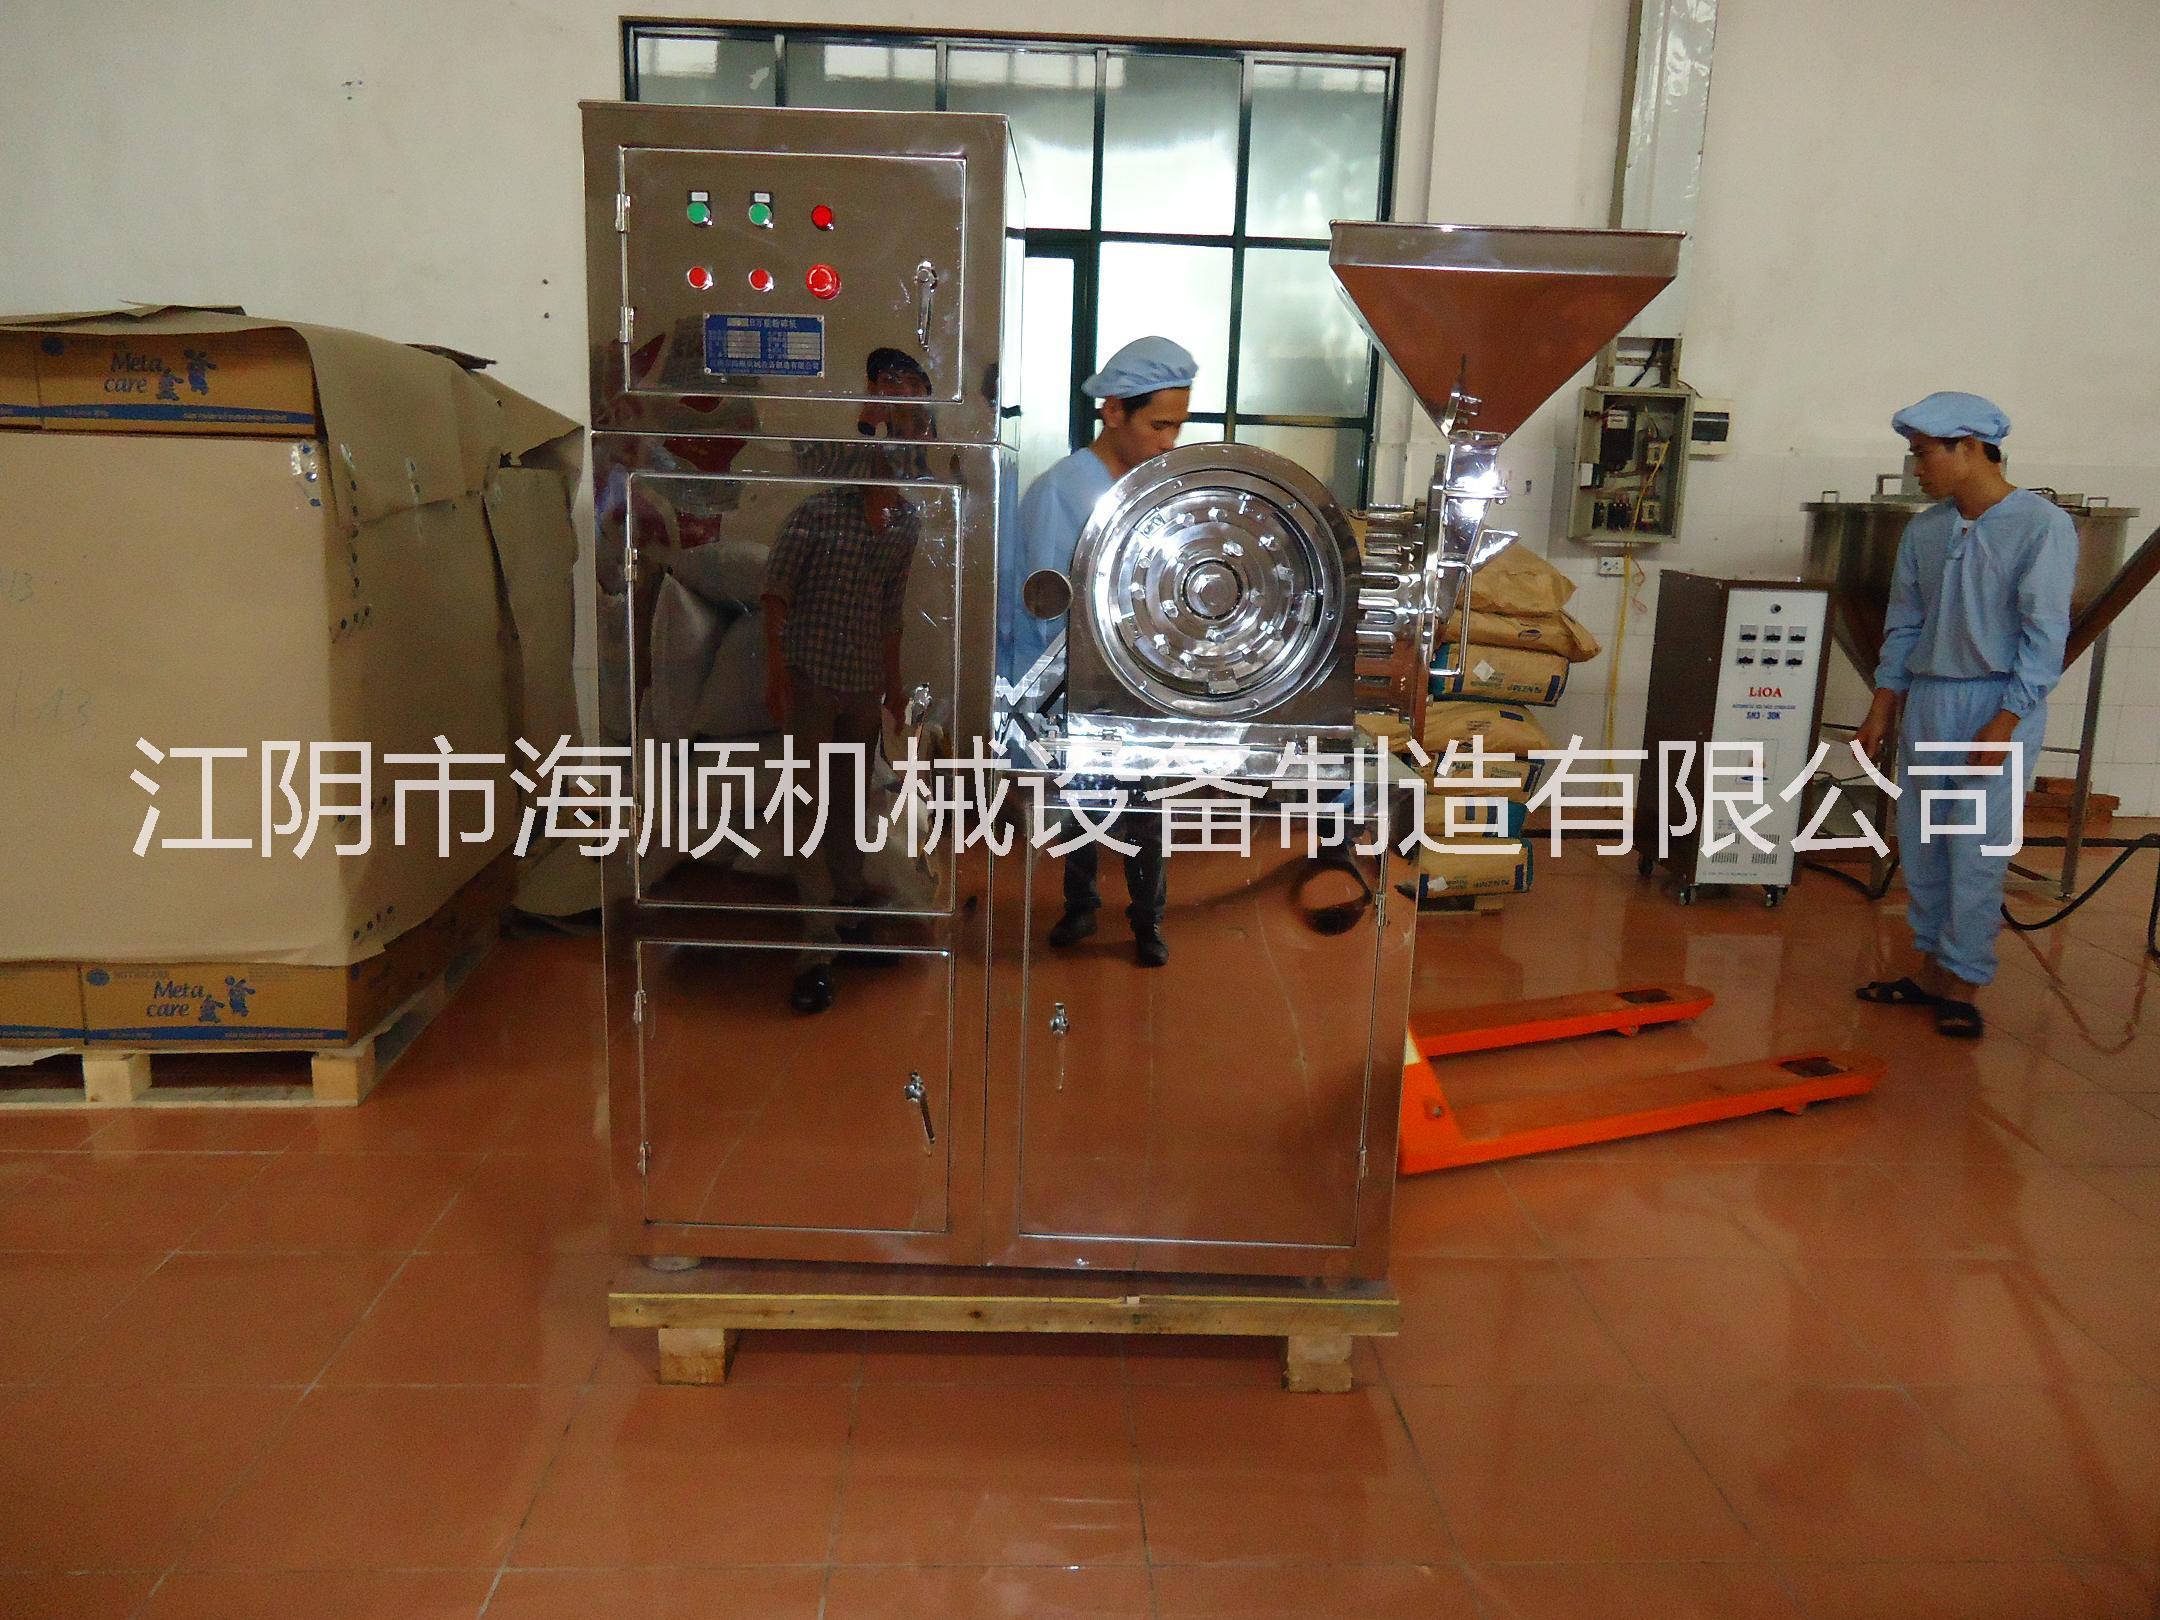 厂家低价混批粉碎机,香辛料磨粉机,香料无尘粉碎机